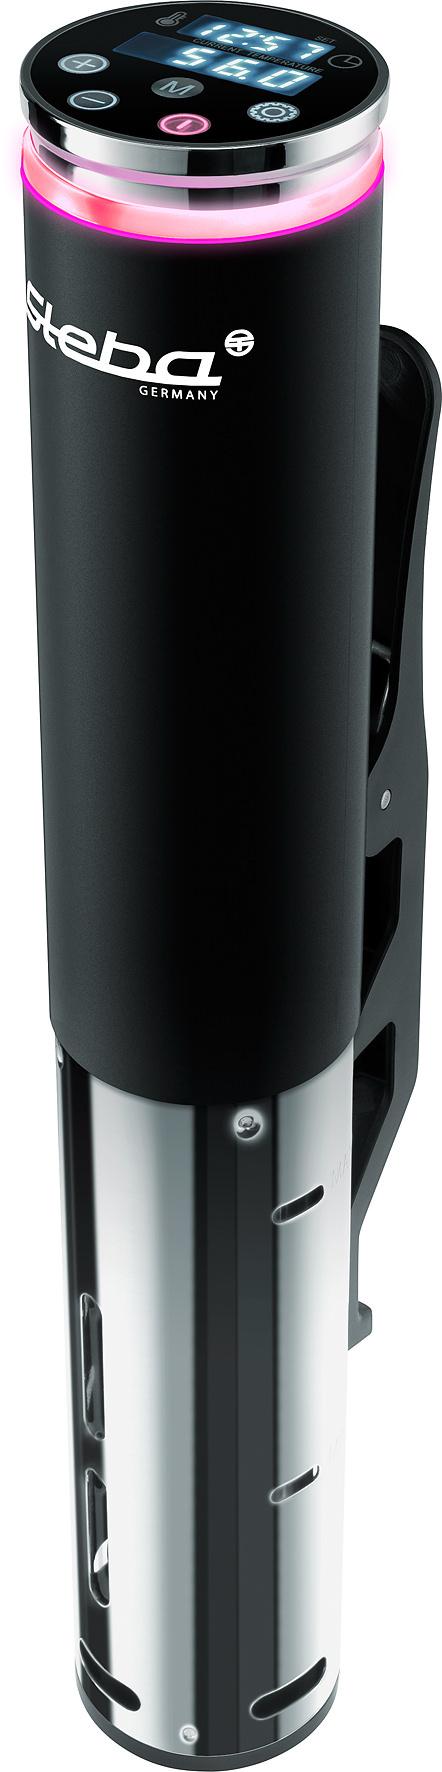 Steba Sv60 4 Programs 1200 Watt Sous Vide - Rostfritt Stål